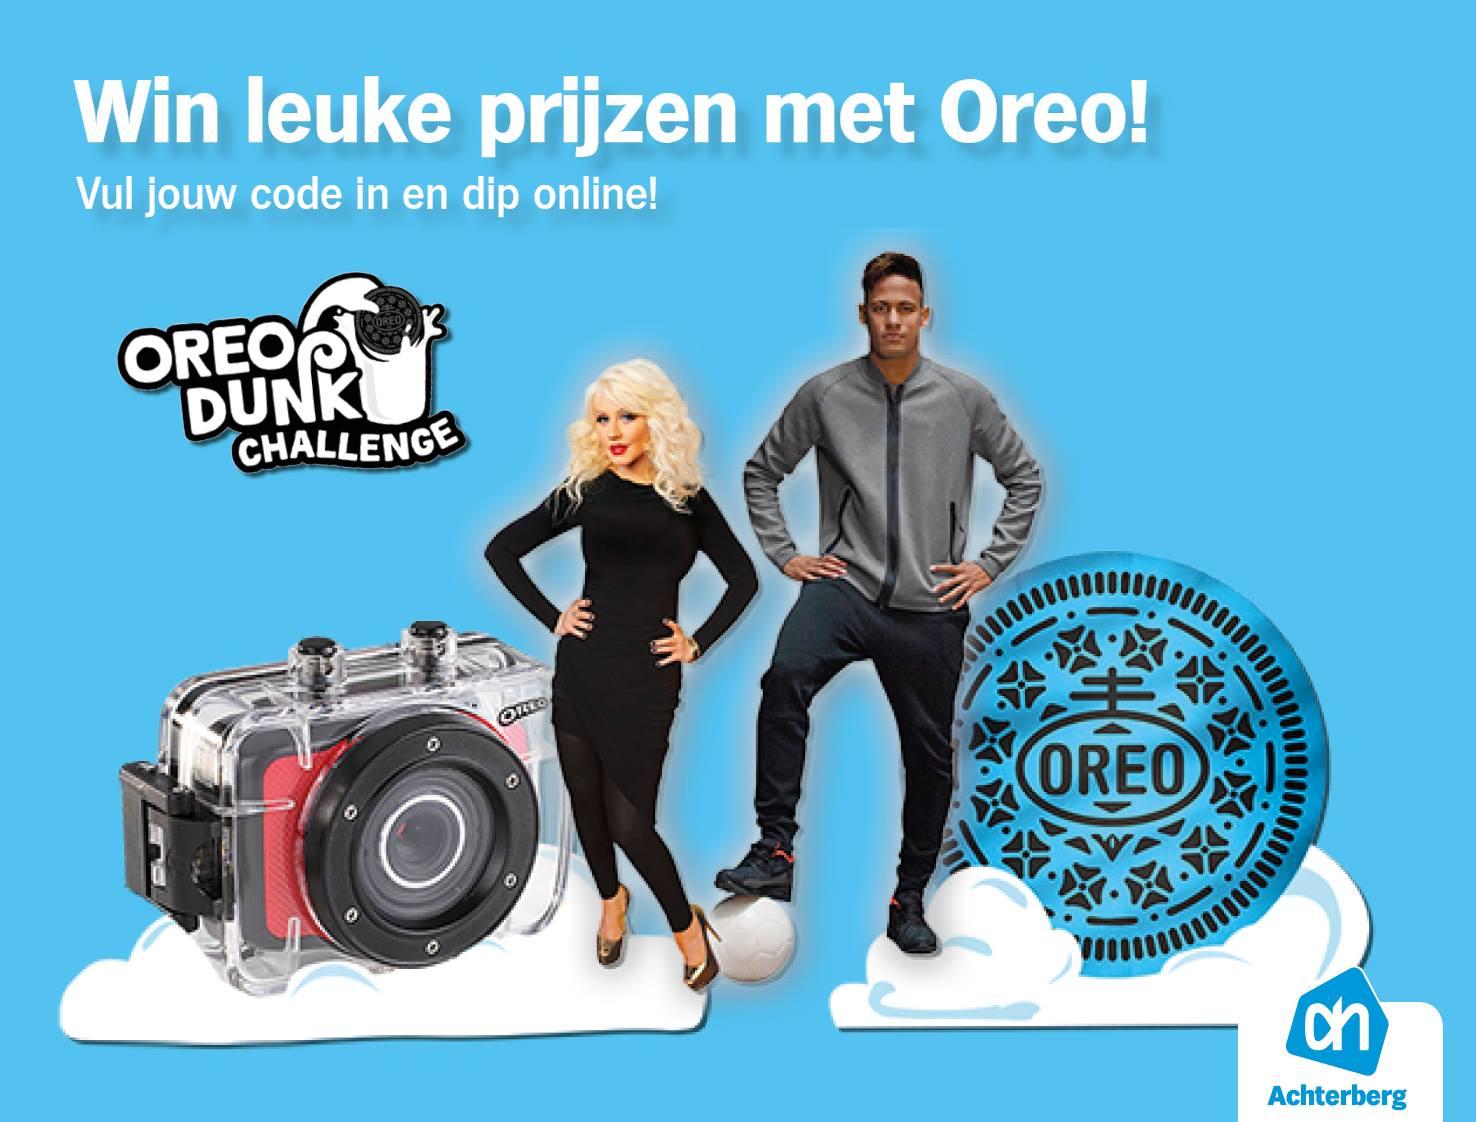 Win leuke prijzen met Oreo!